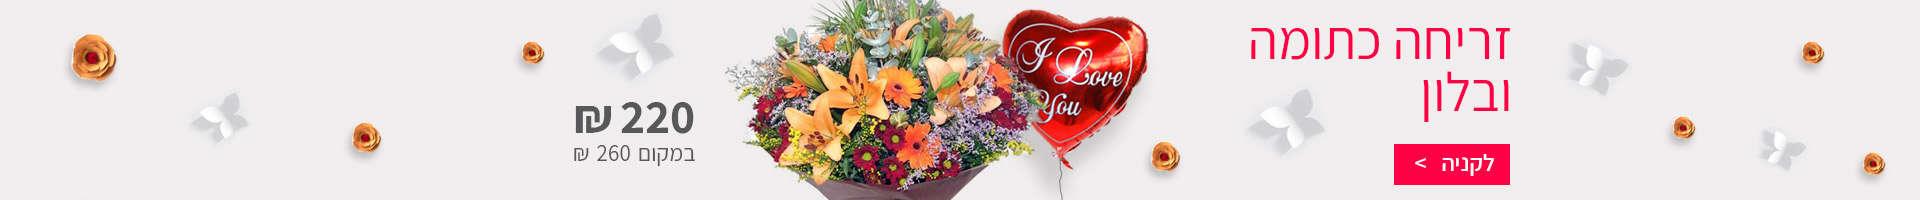 חנות פרחים משלוחי פרחים